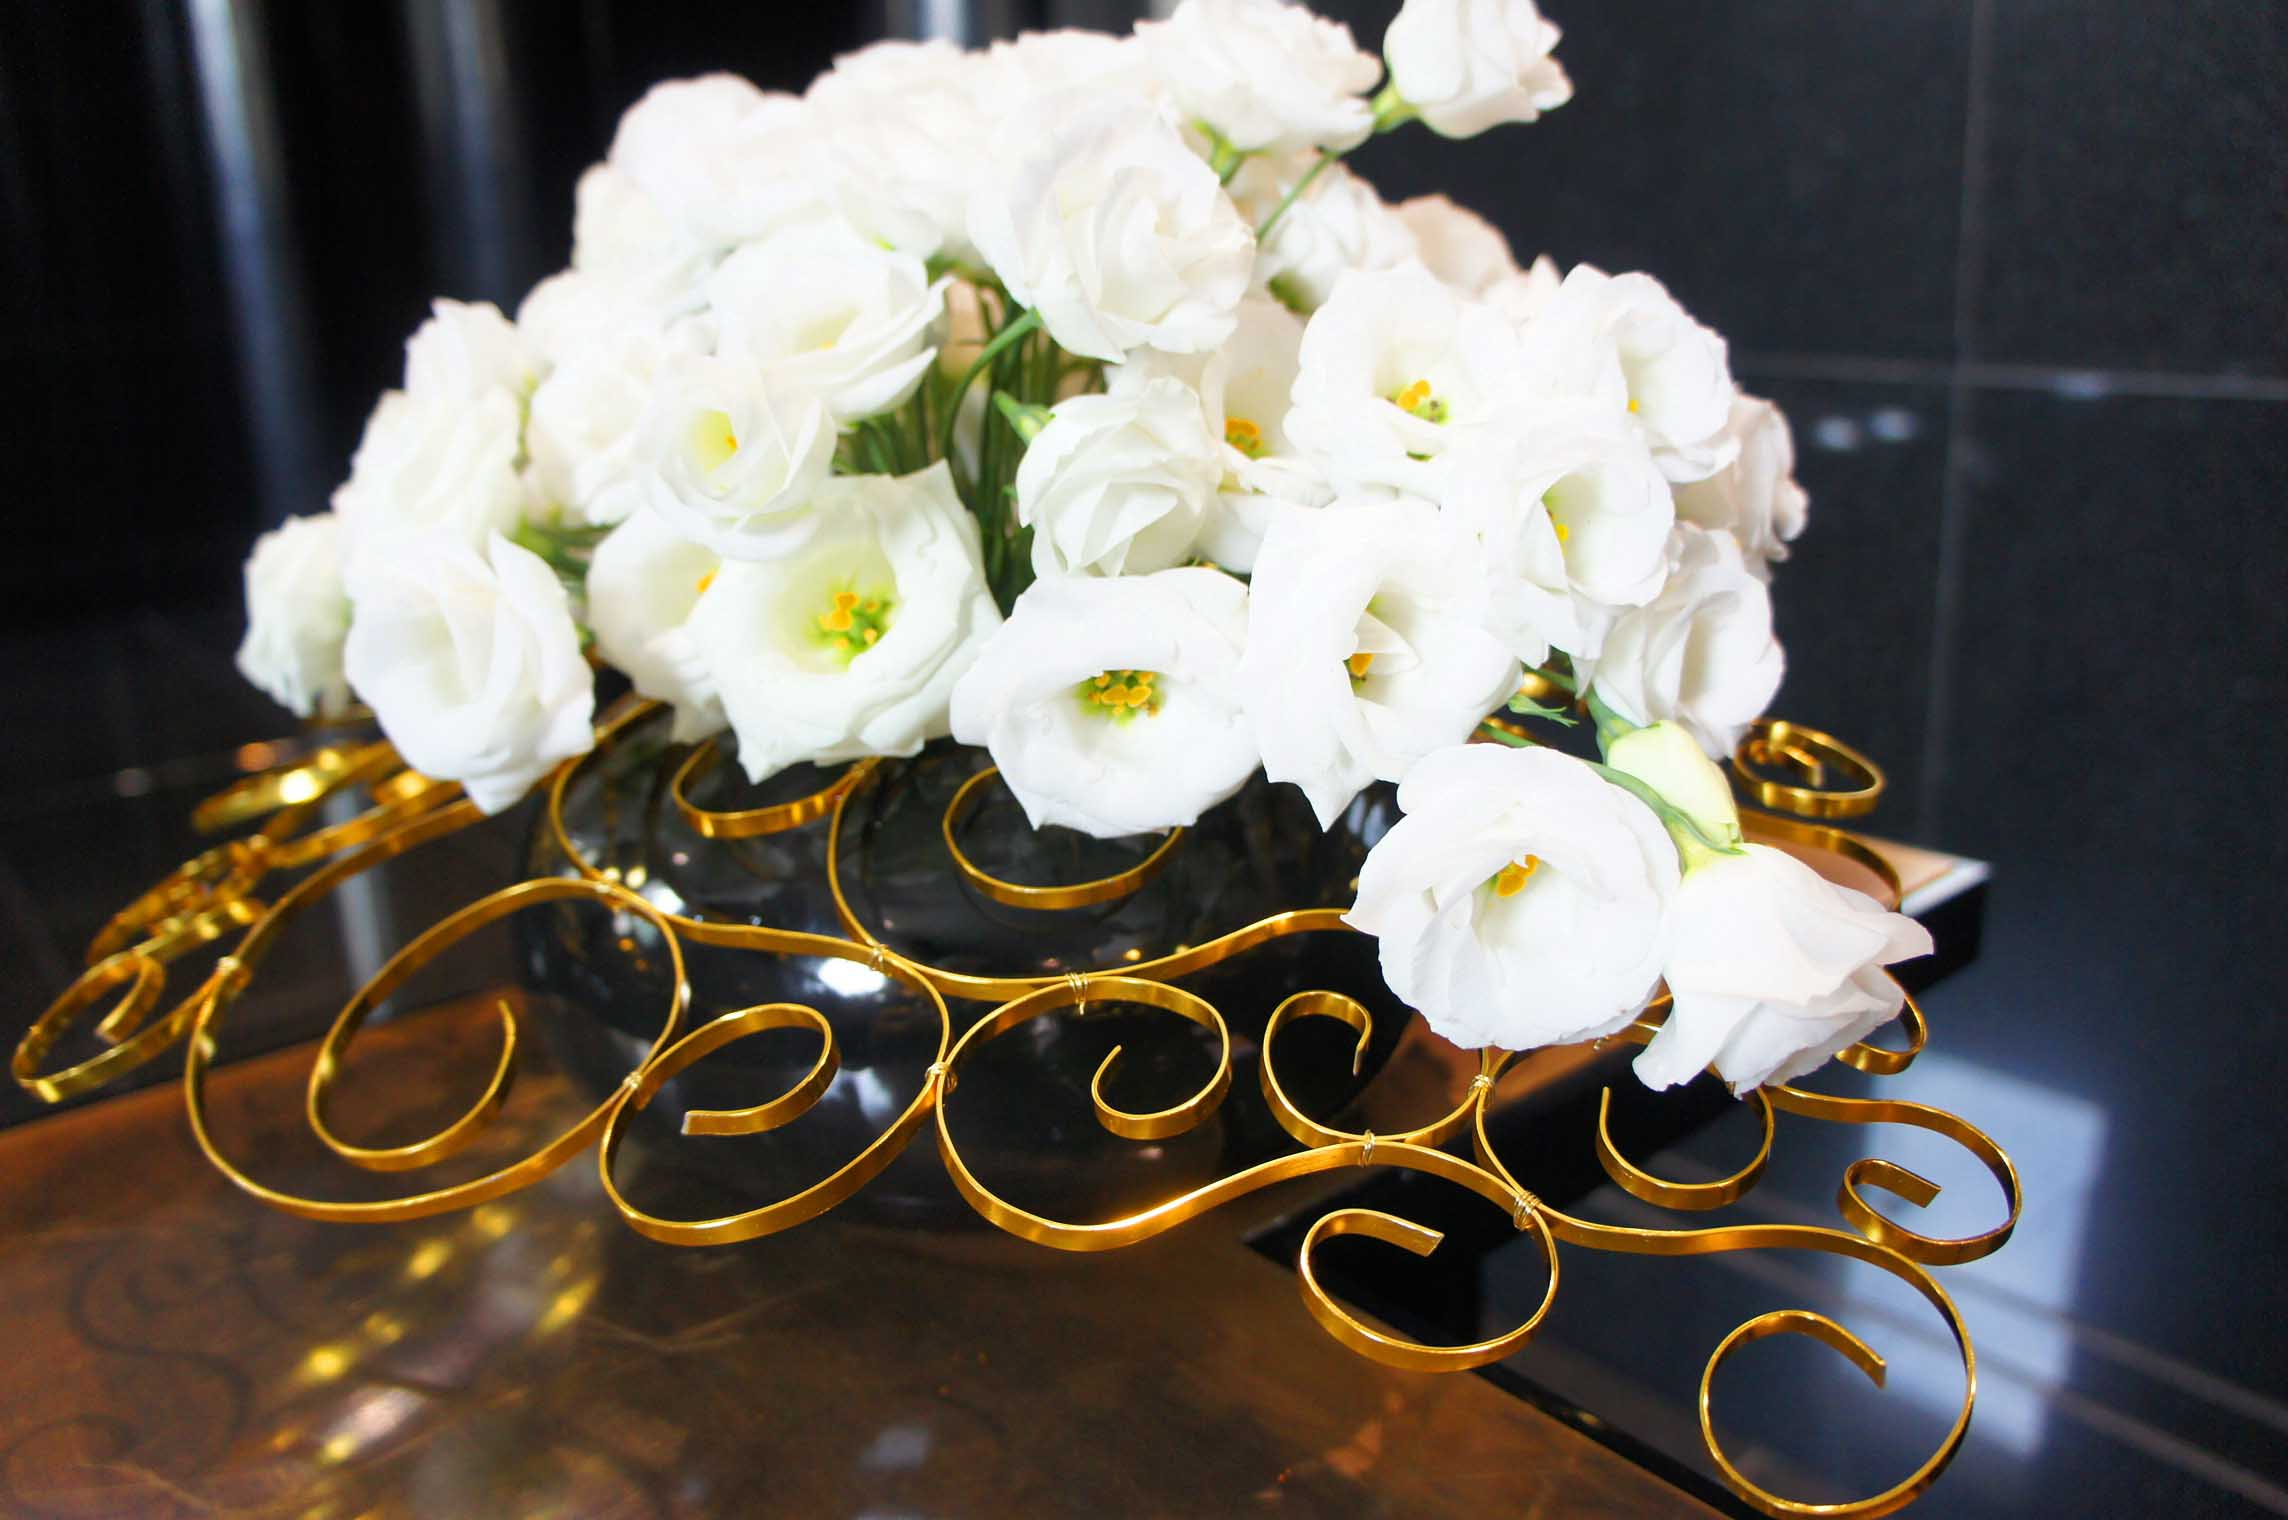 biała eustoma na wyplecionej z drutu konstrukcji jako dekoracja recepcji